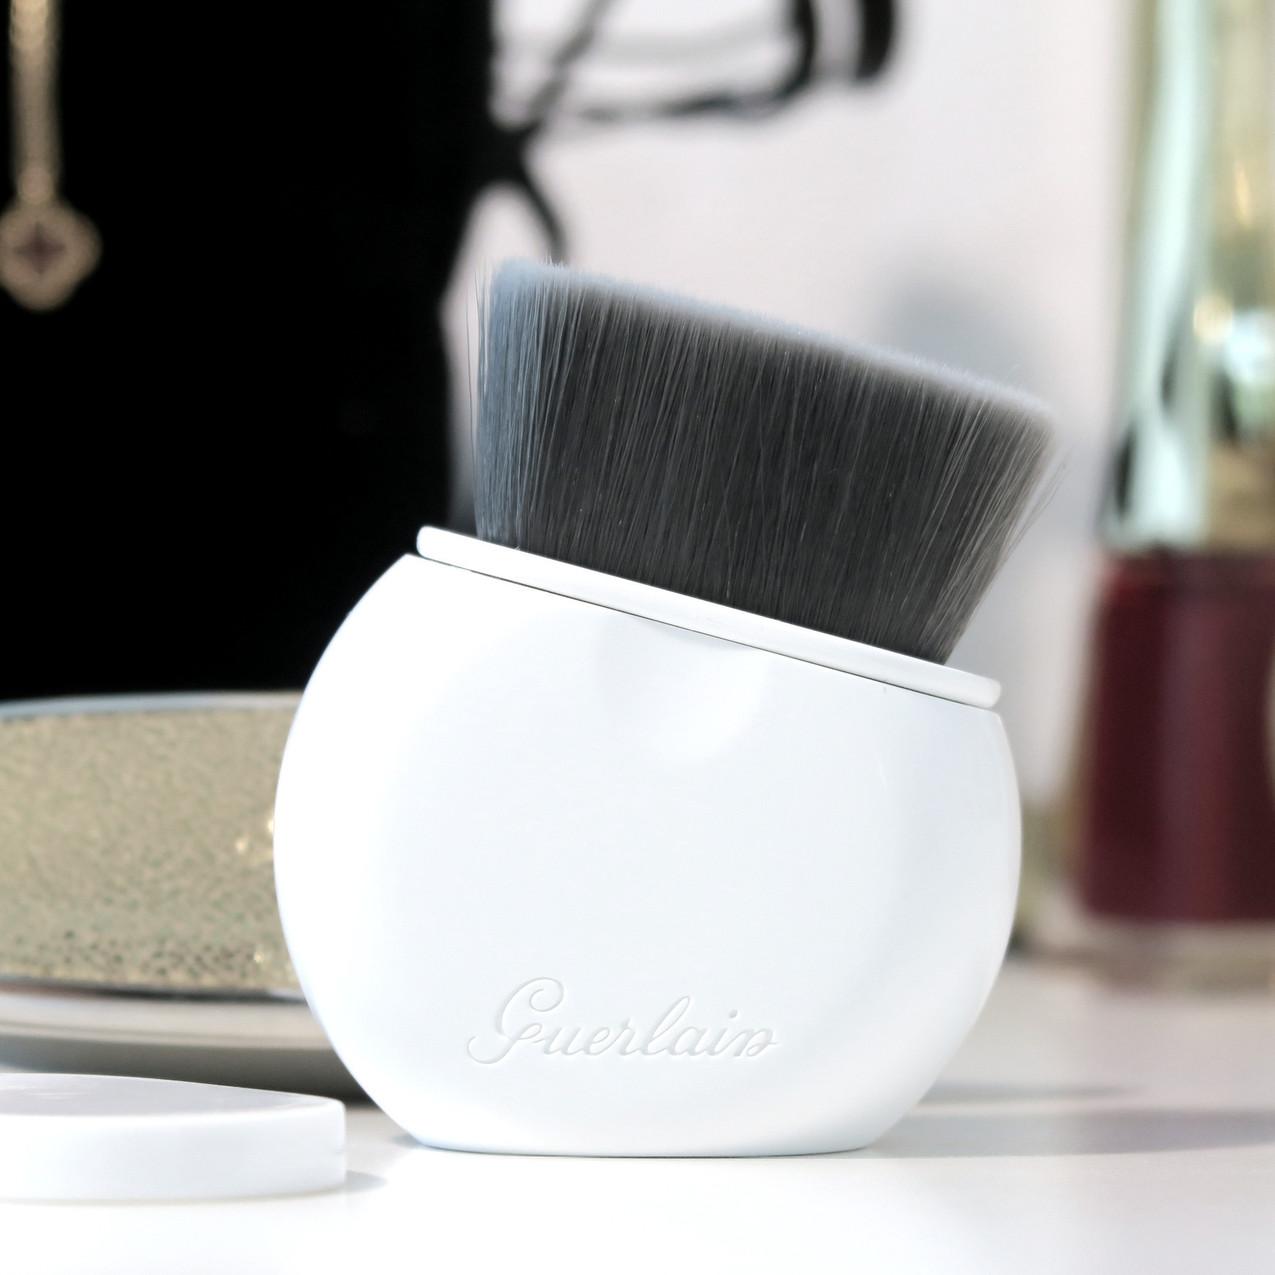 Guerlain L'Essentiel Brush